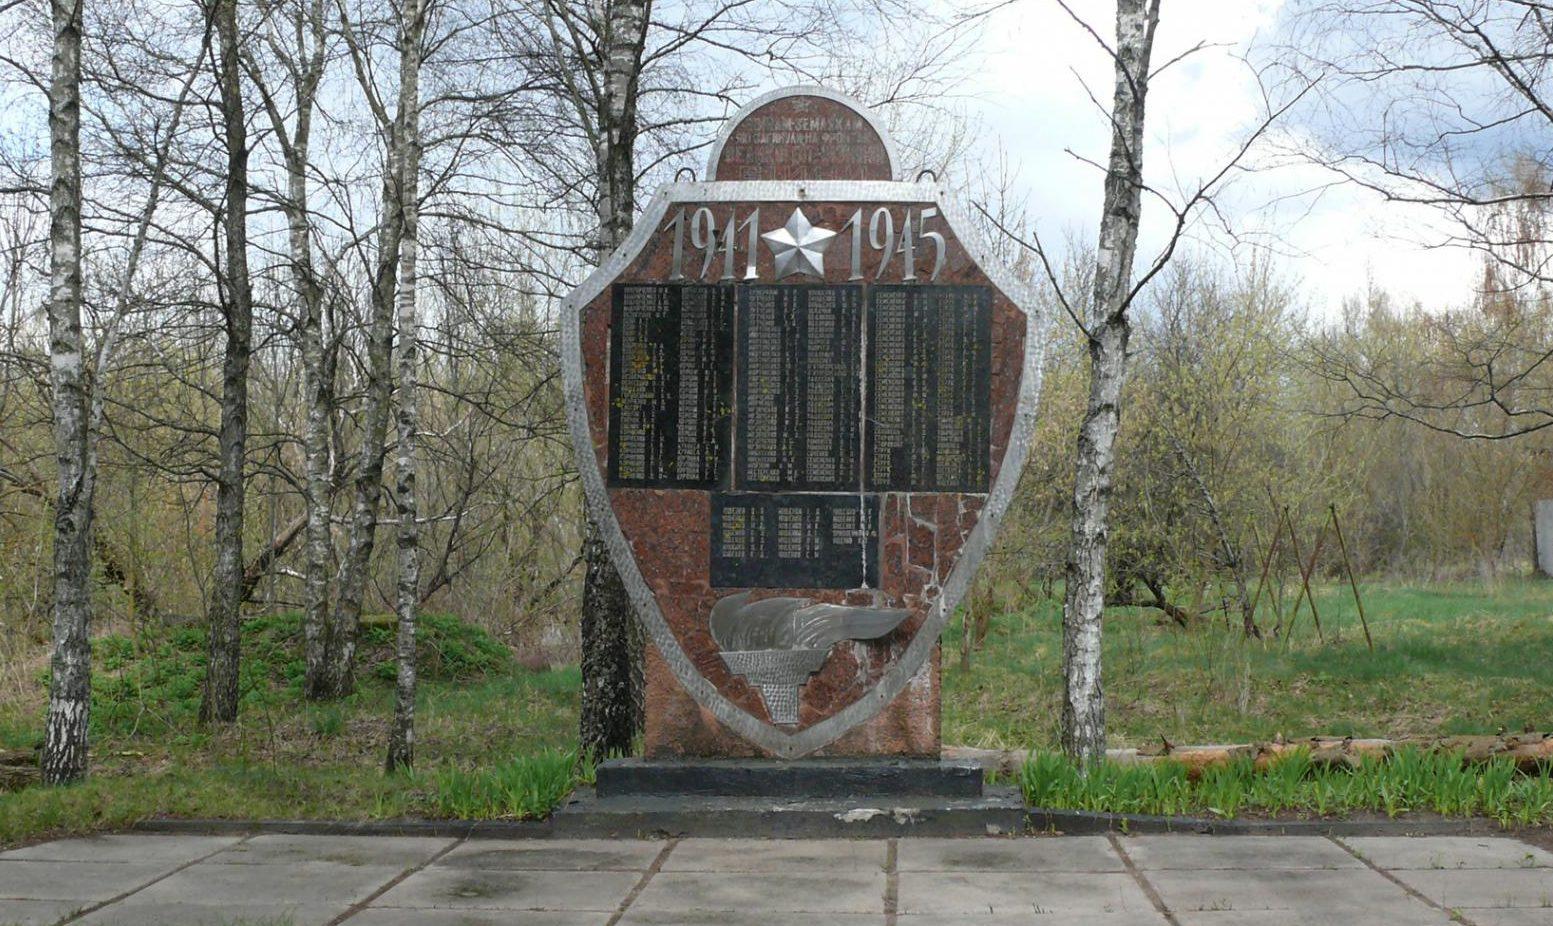 с. Ильинцы, Чернобыльская зона отчуждения. Памятник воинам-односельчанам.